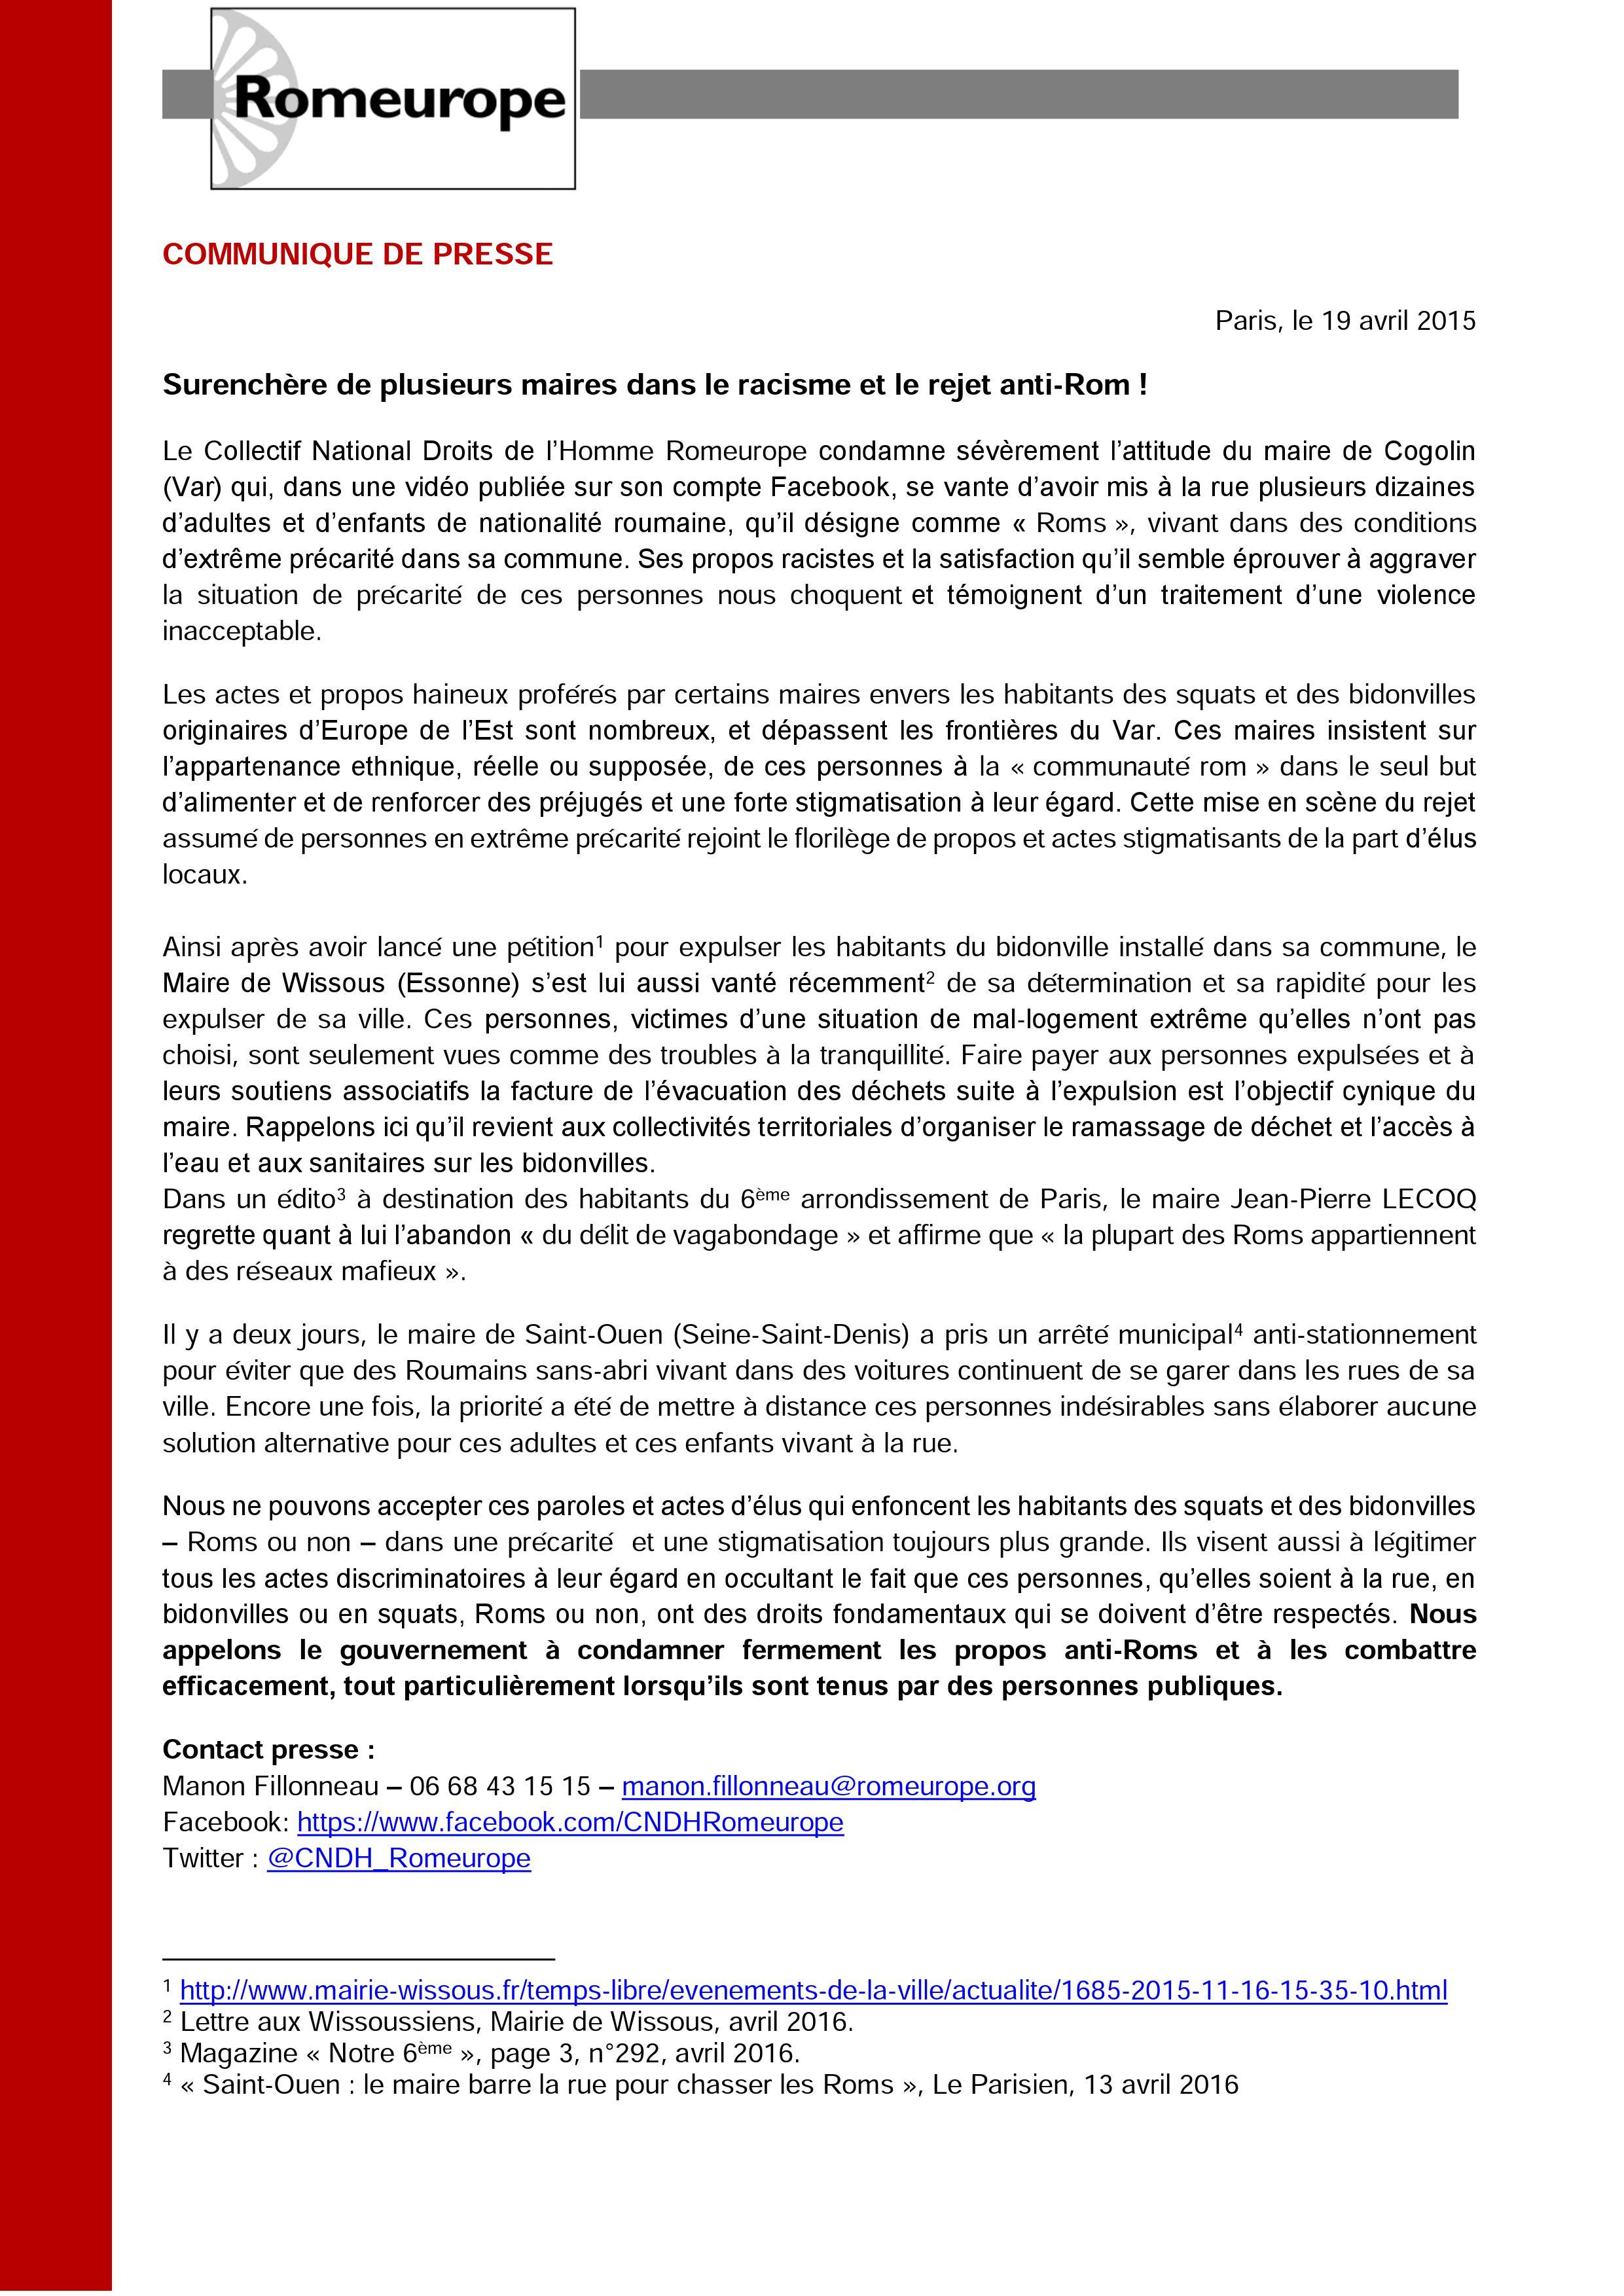 cp_romeurope__surenchere_de_plusieurs_maires_dans_le_rejet_et_le_racisme_anti-roms.jpg